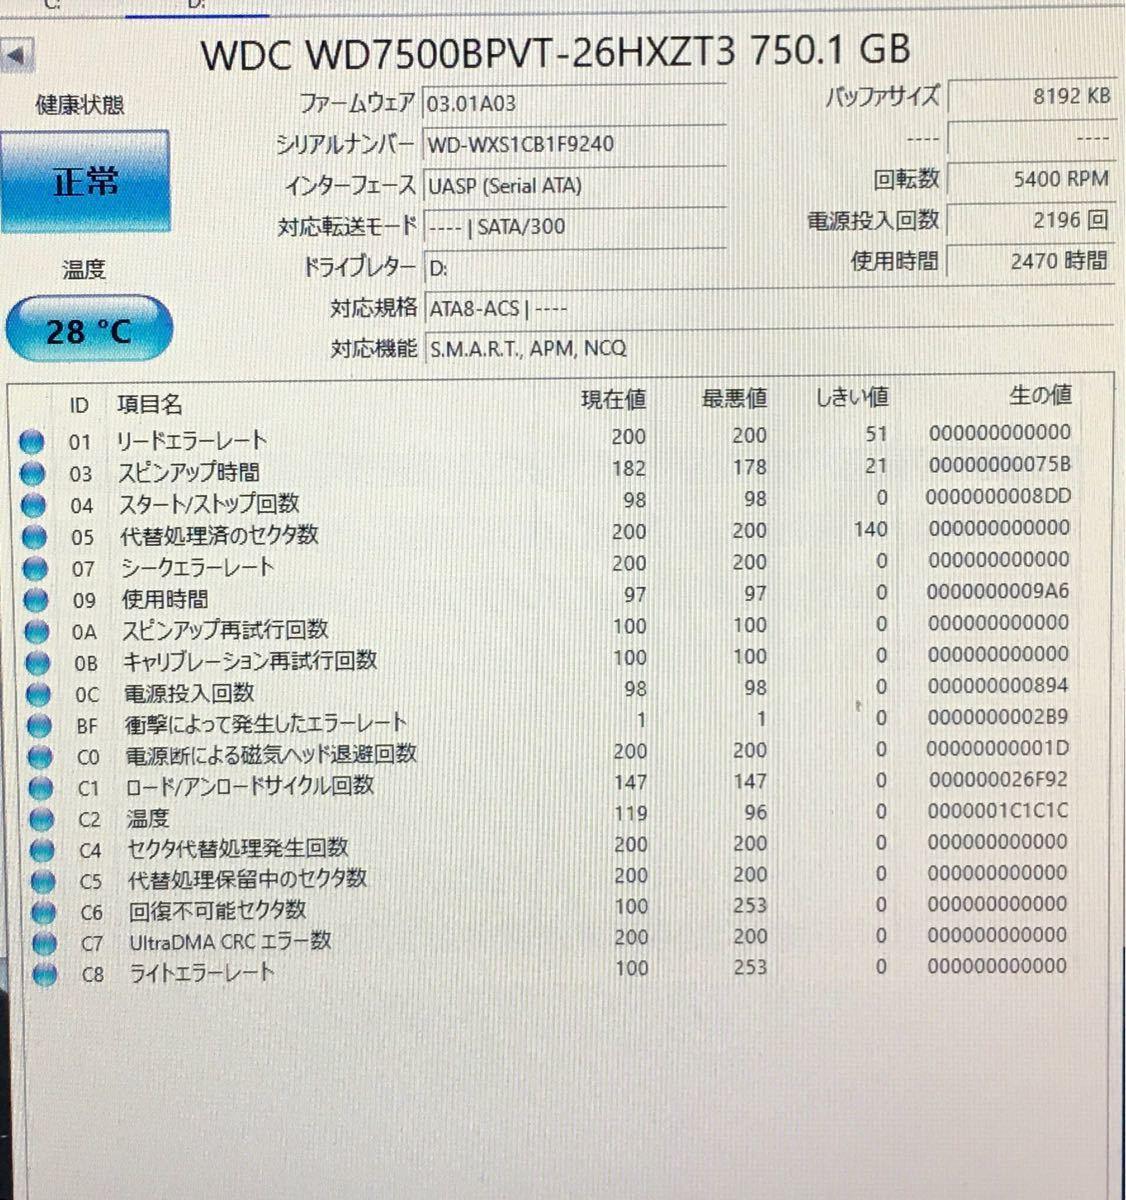 外付けハードディスク 750GB